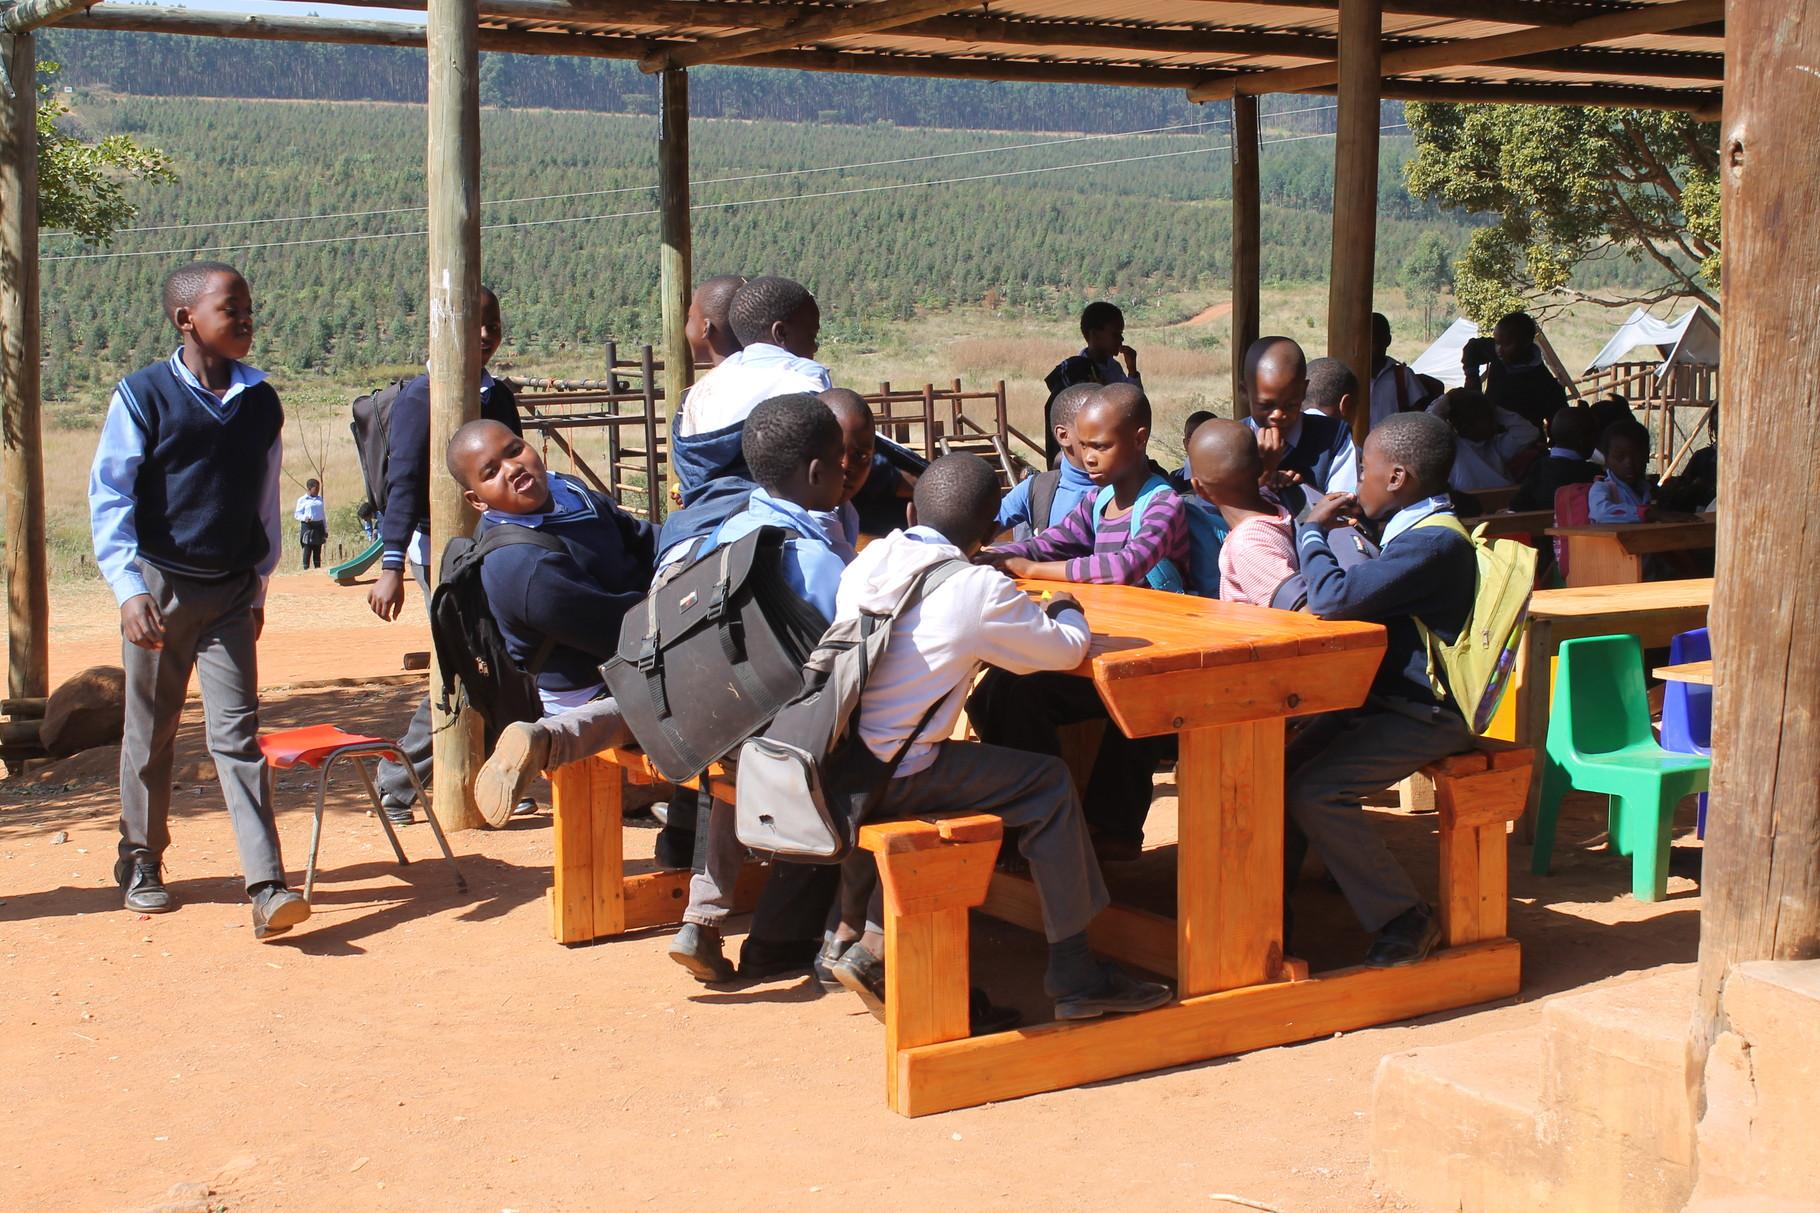 Schultisch für die Klasse draussen